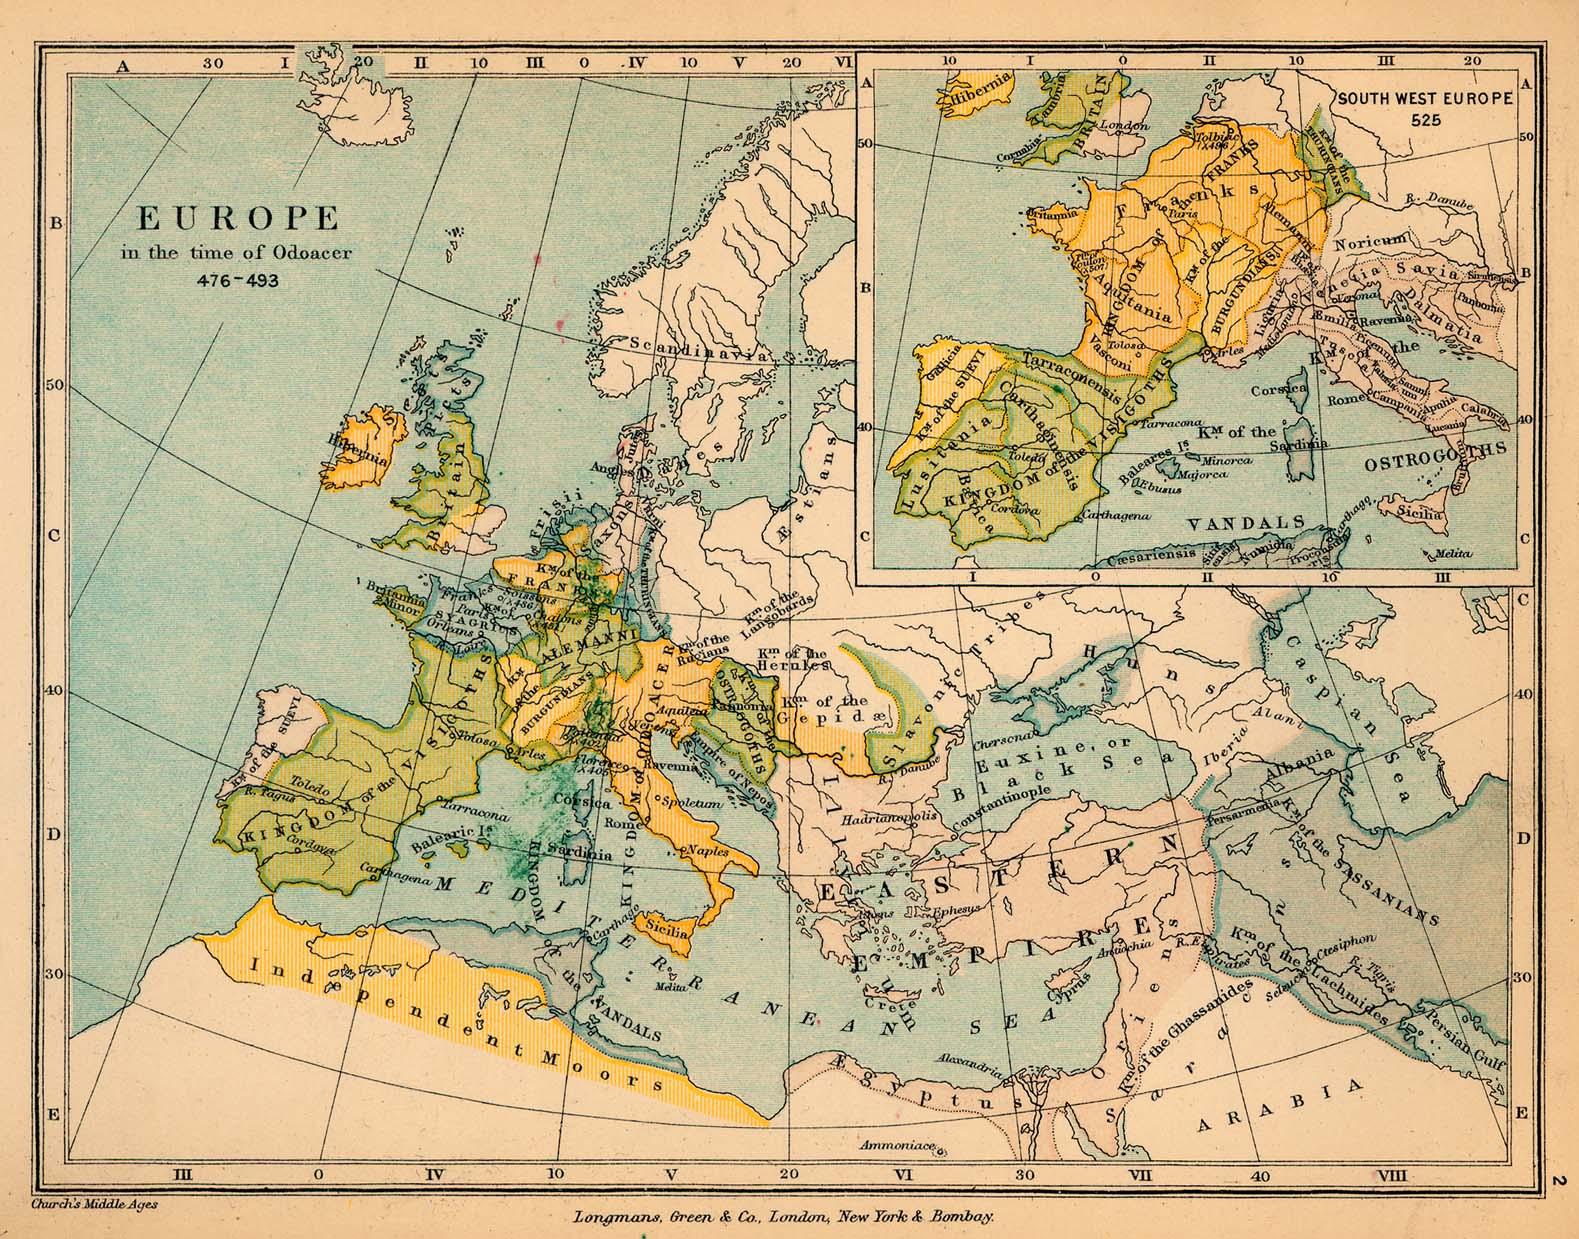 Europa en el Tiempo de Odoacro 476-493